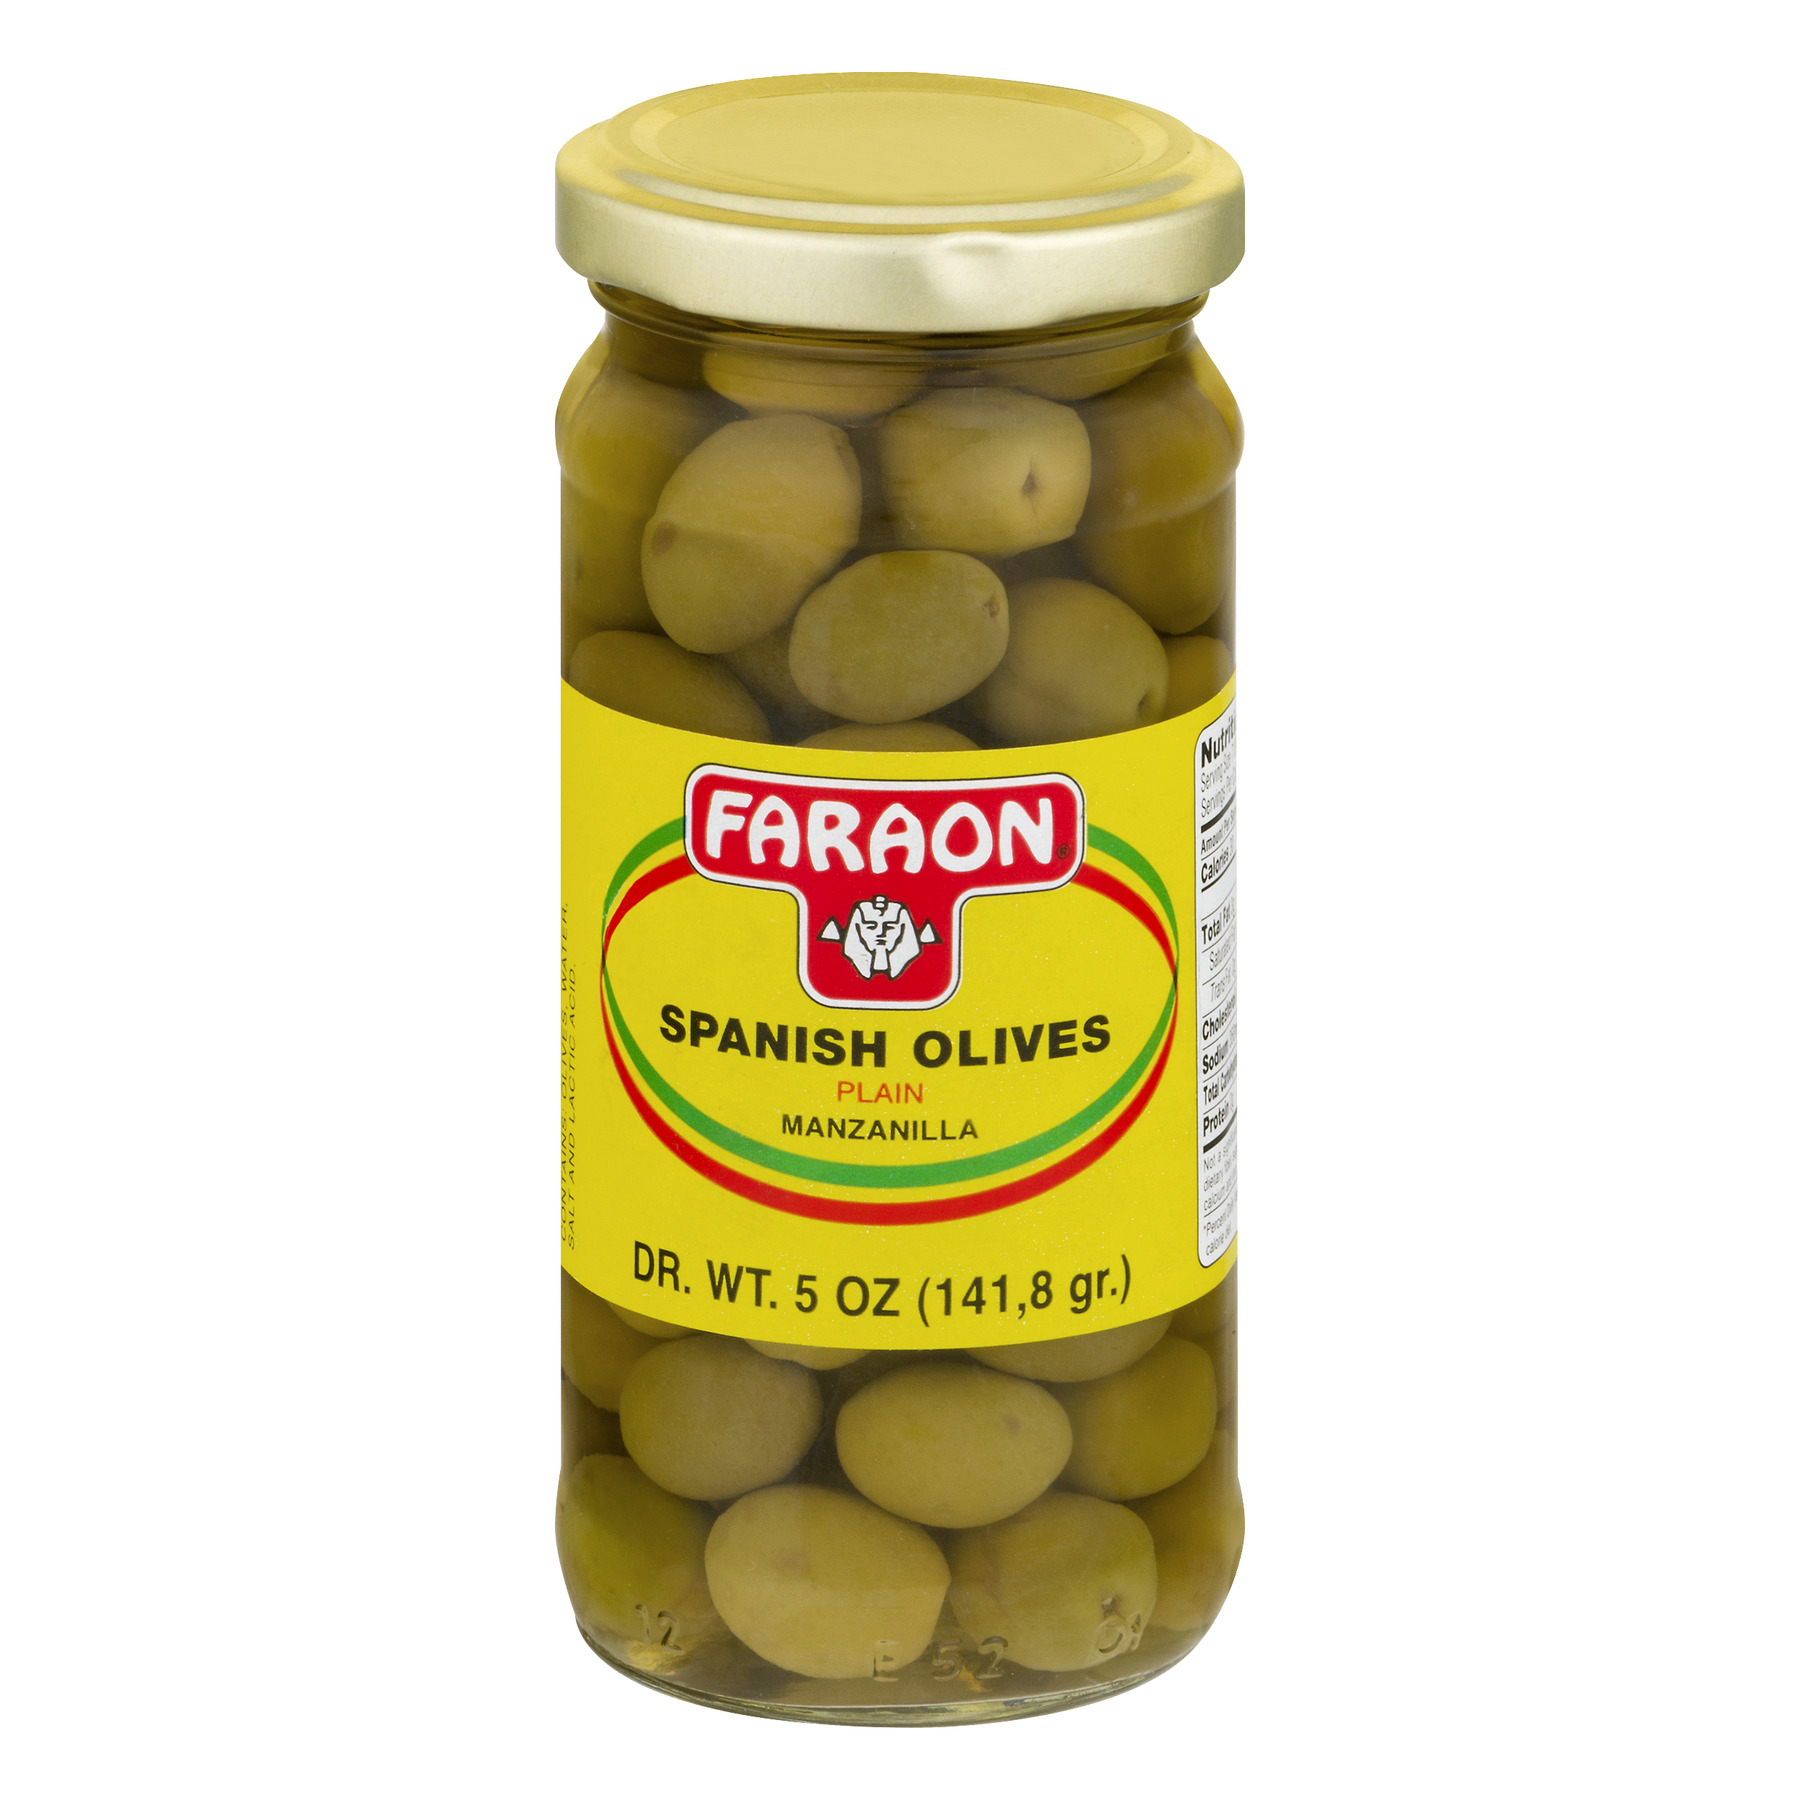 Faraon Spanish Olives Plain, 5.0 OZ